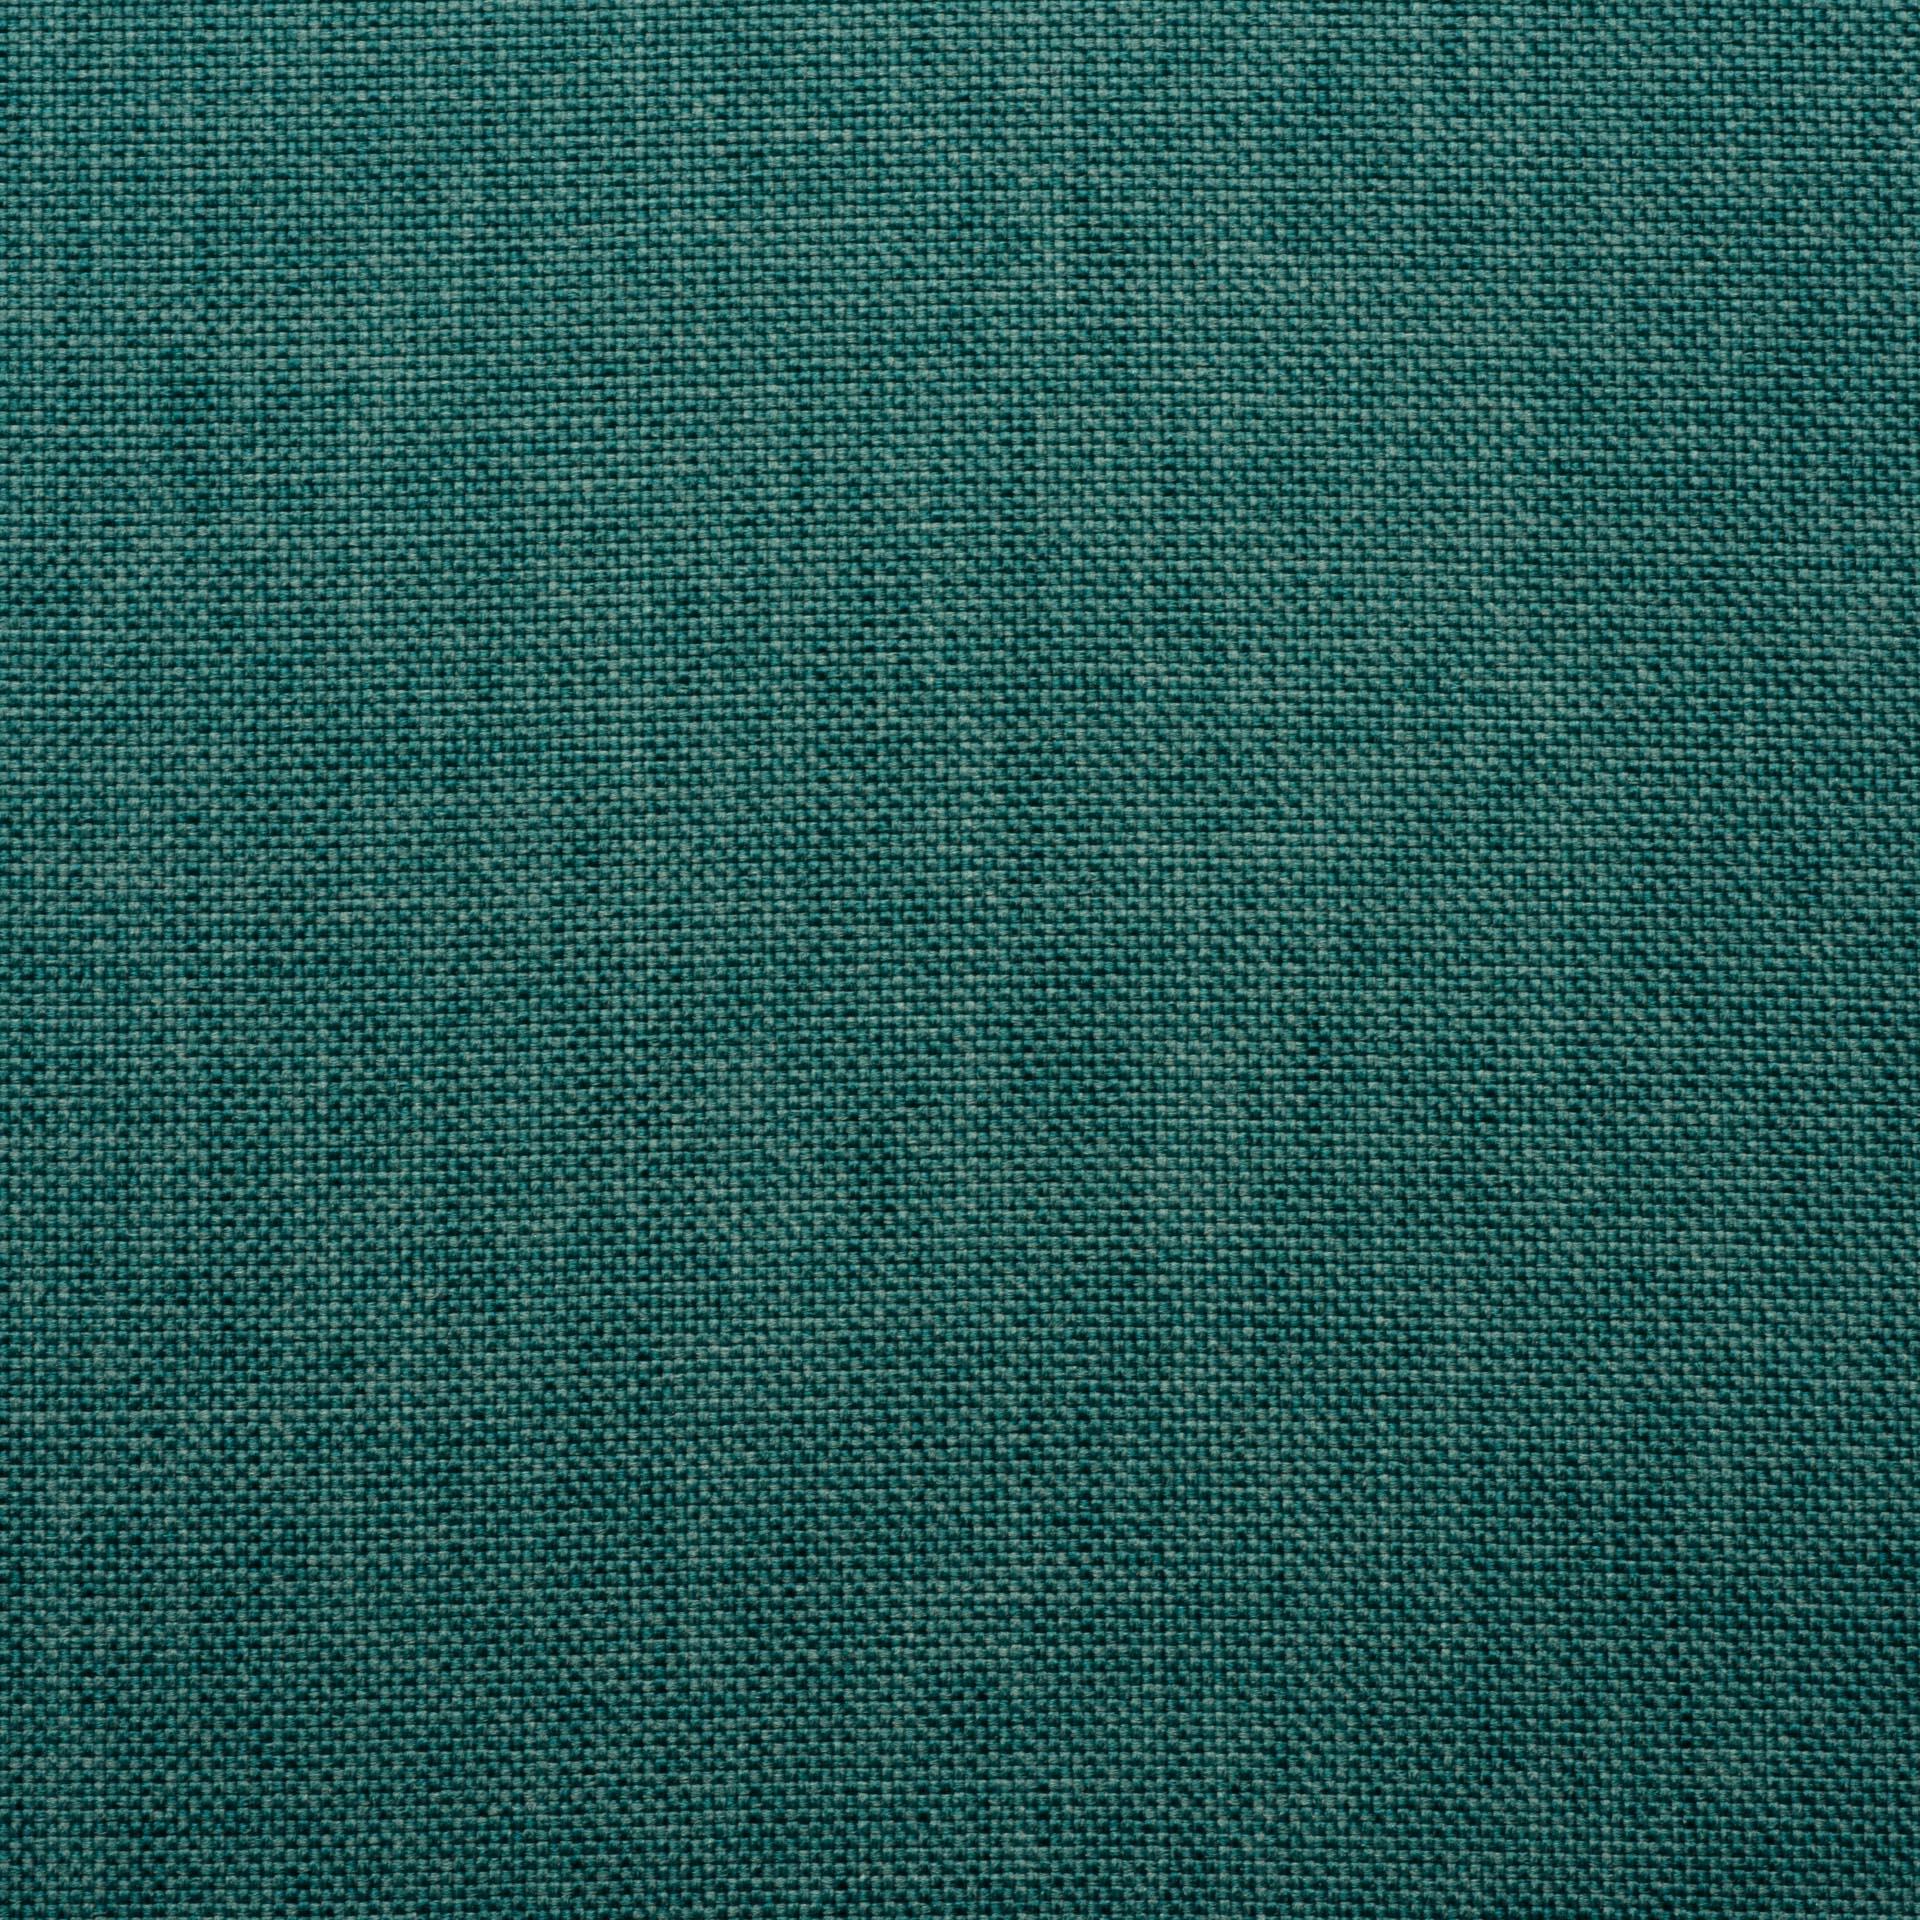 Коллекция ткани Саванна nova 10 Aqua,  купить ткань Жаккард для мебели Украина